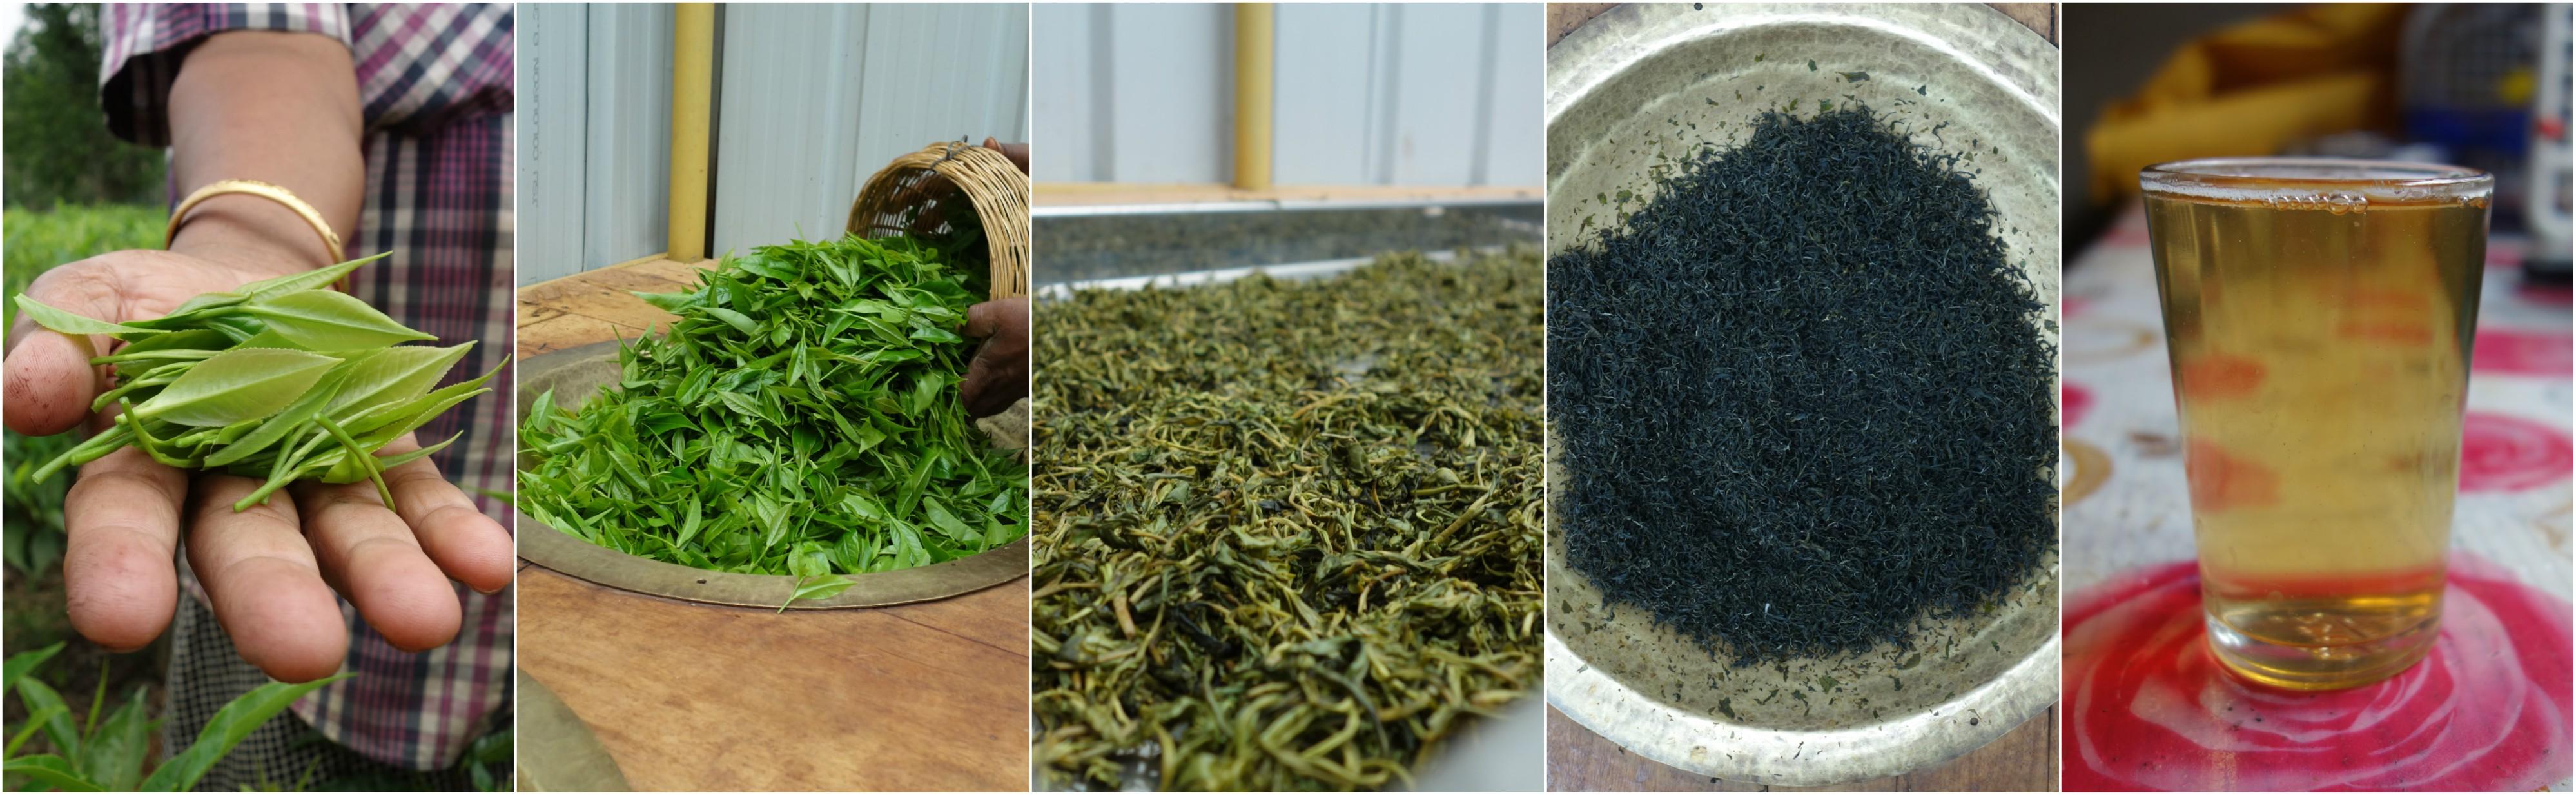 فروش چای سبز ایرانی